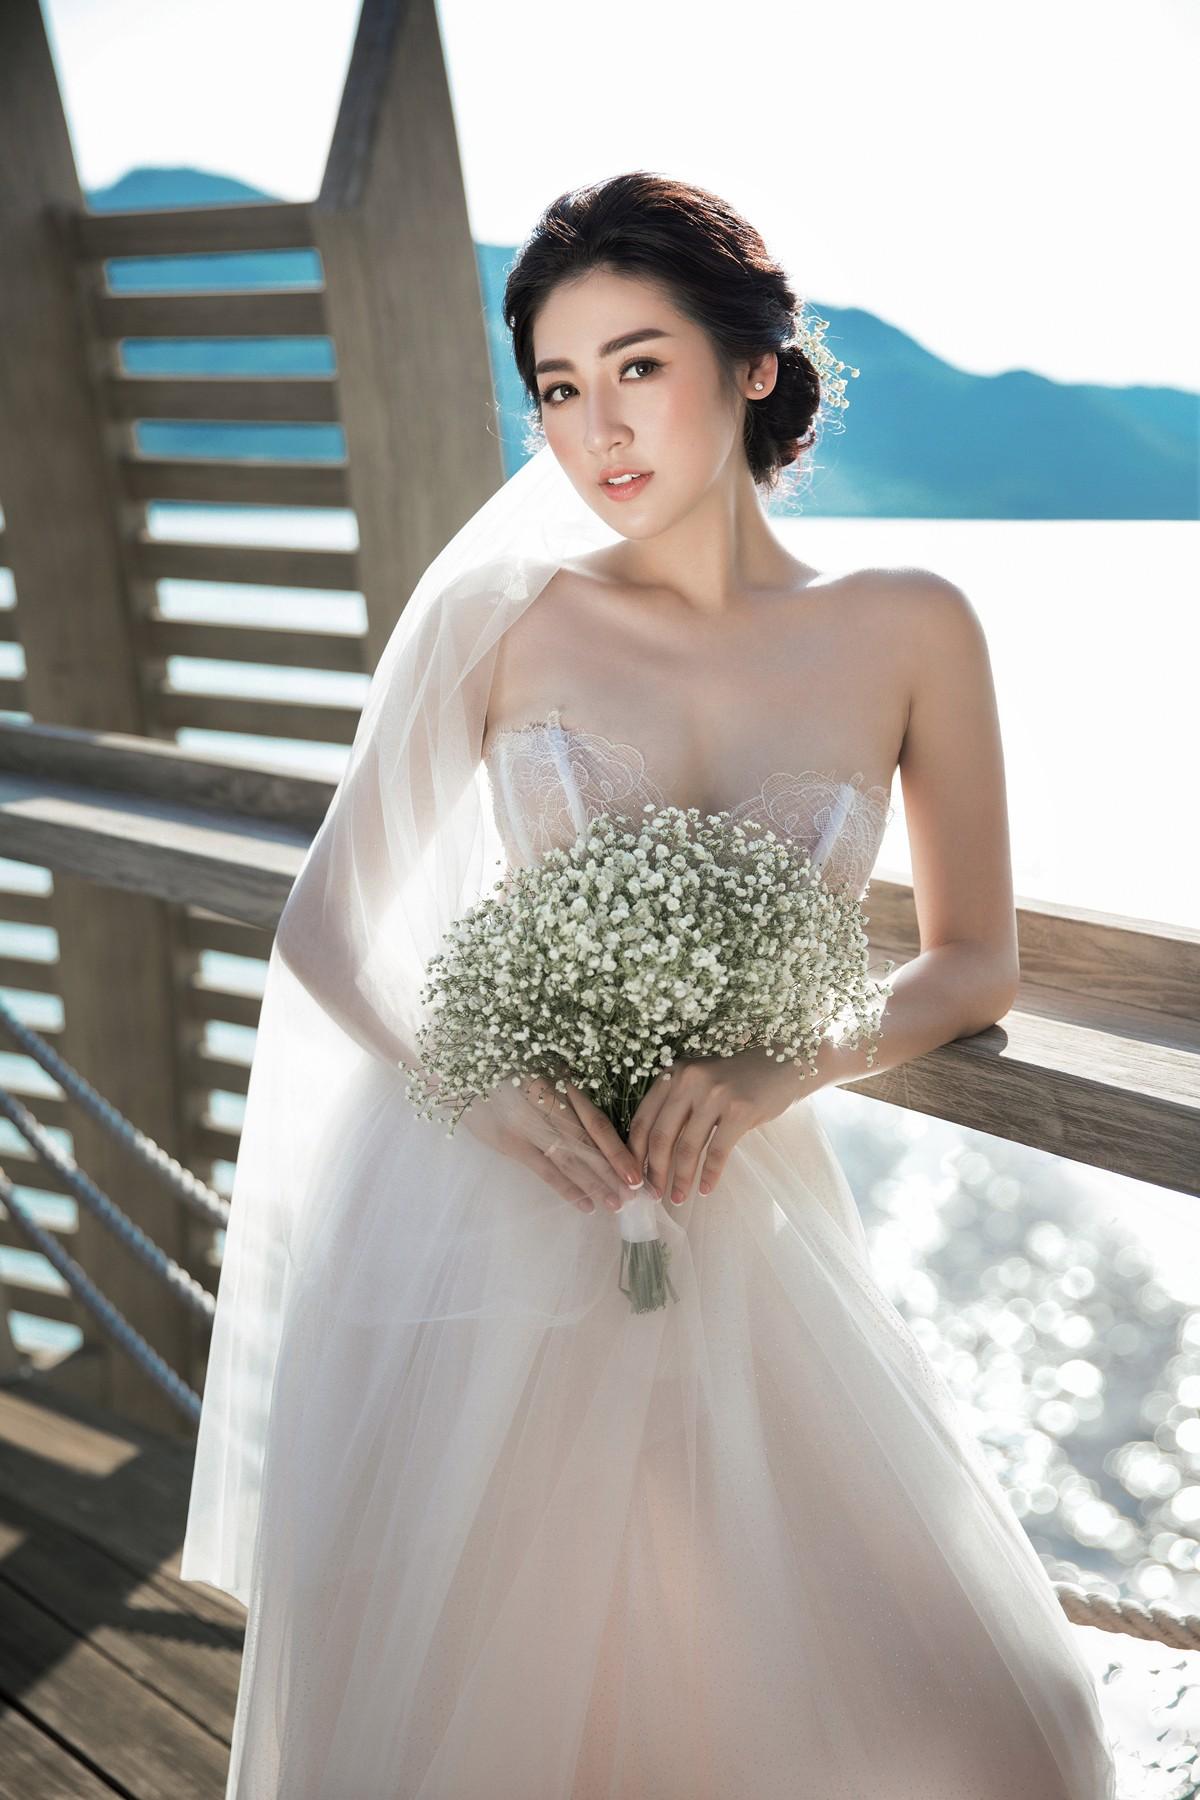 Trước ngày cưới 2 ngày, Á hậu Tú Anh khoe loạt ảnh cưới sang chảnh ngoài biển - Ảnh 2.